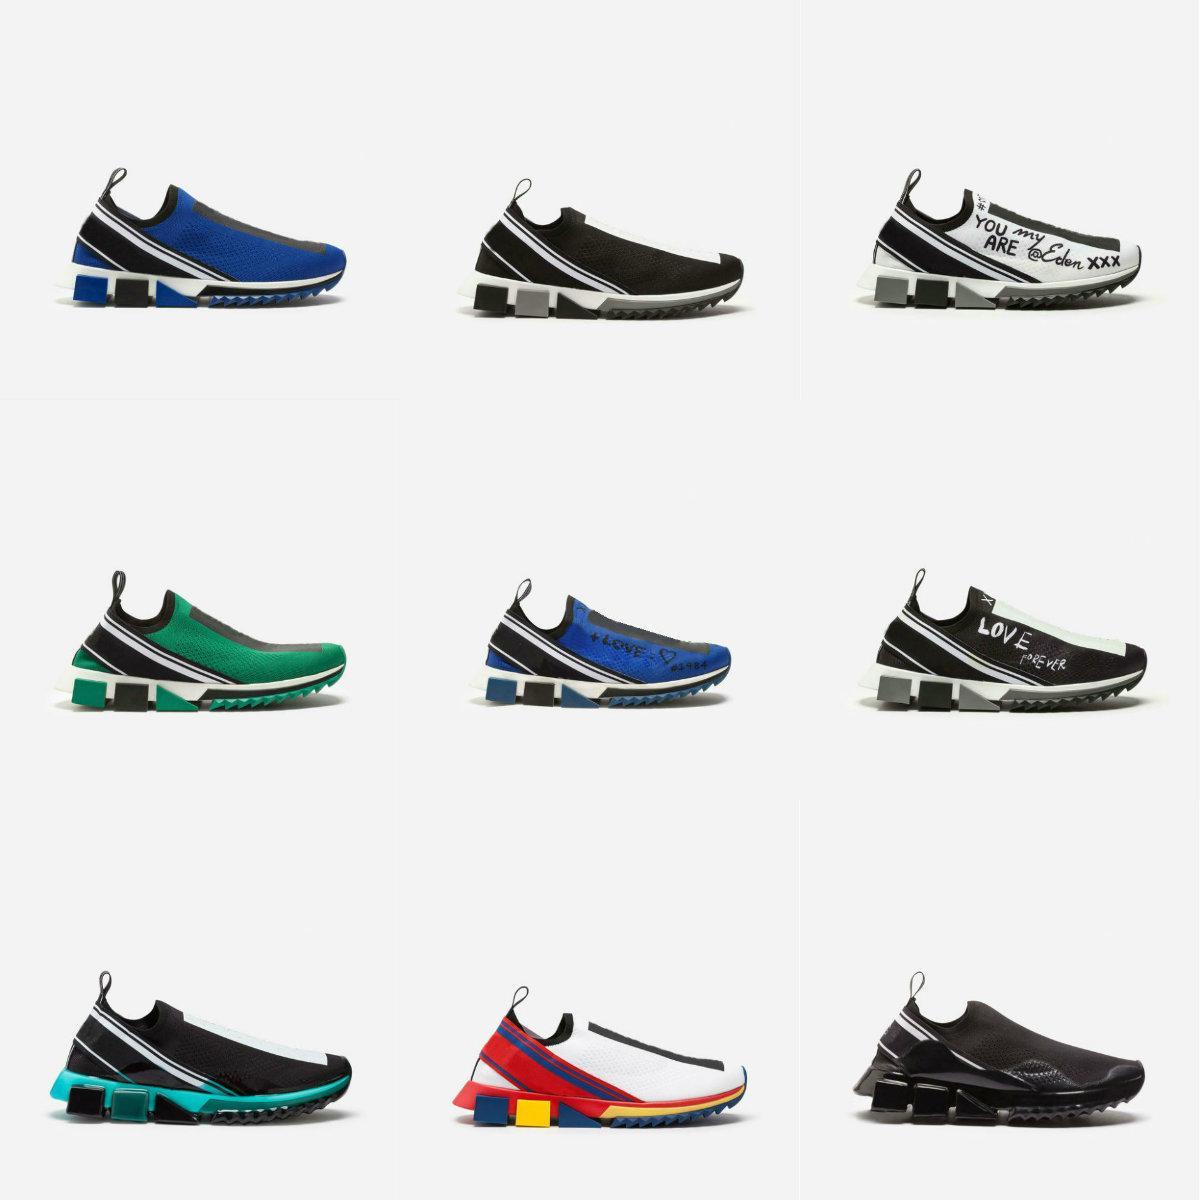 Kutu ile Moda Sneaker Rahat Ayakkabılar Eğitmenler Moda Spor Ayakkabı Yüksek Kaliteli Deri Çizmeler Sandalet Terlik Vintage Hava Erkek Kadın M2